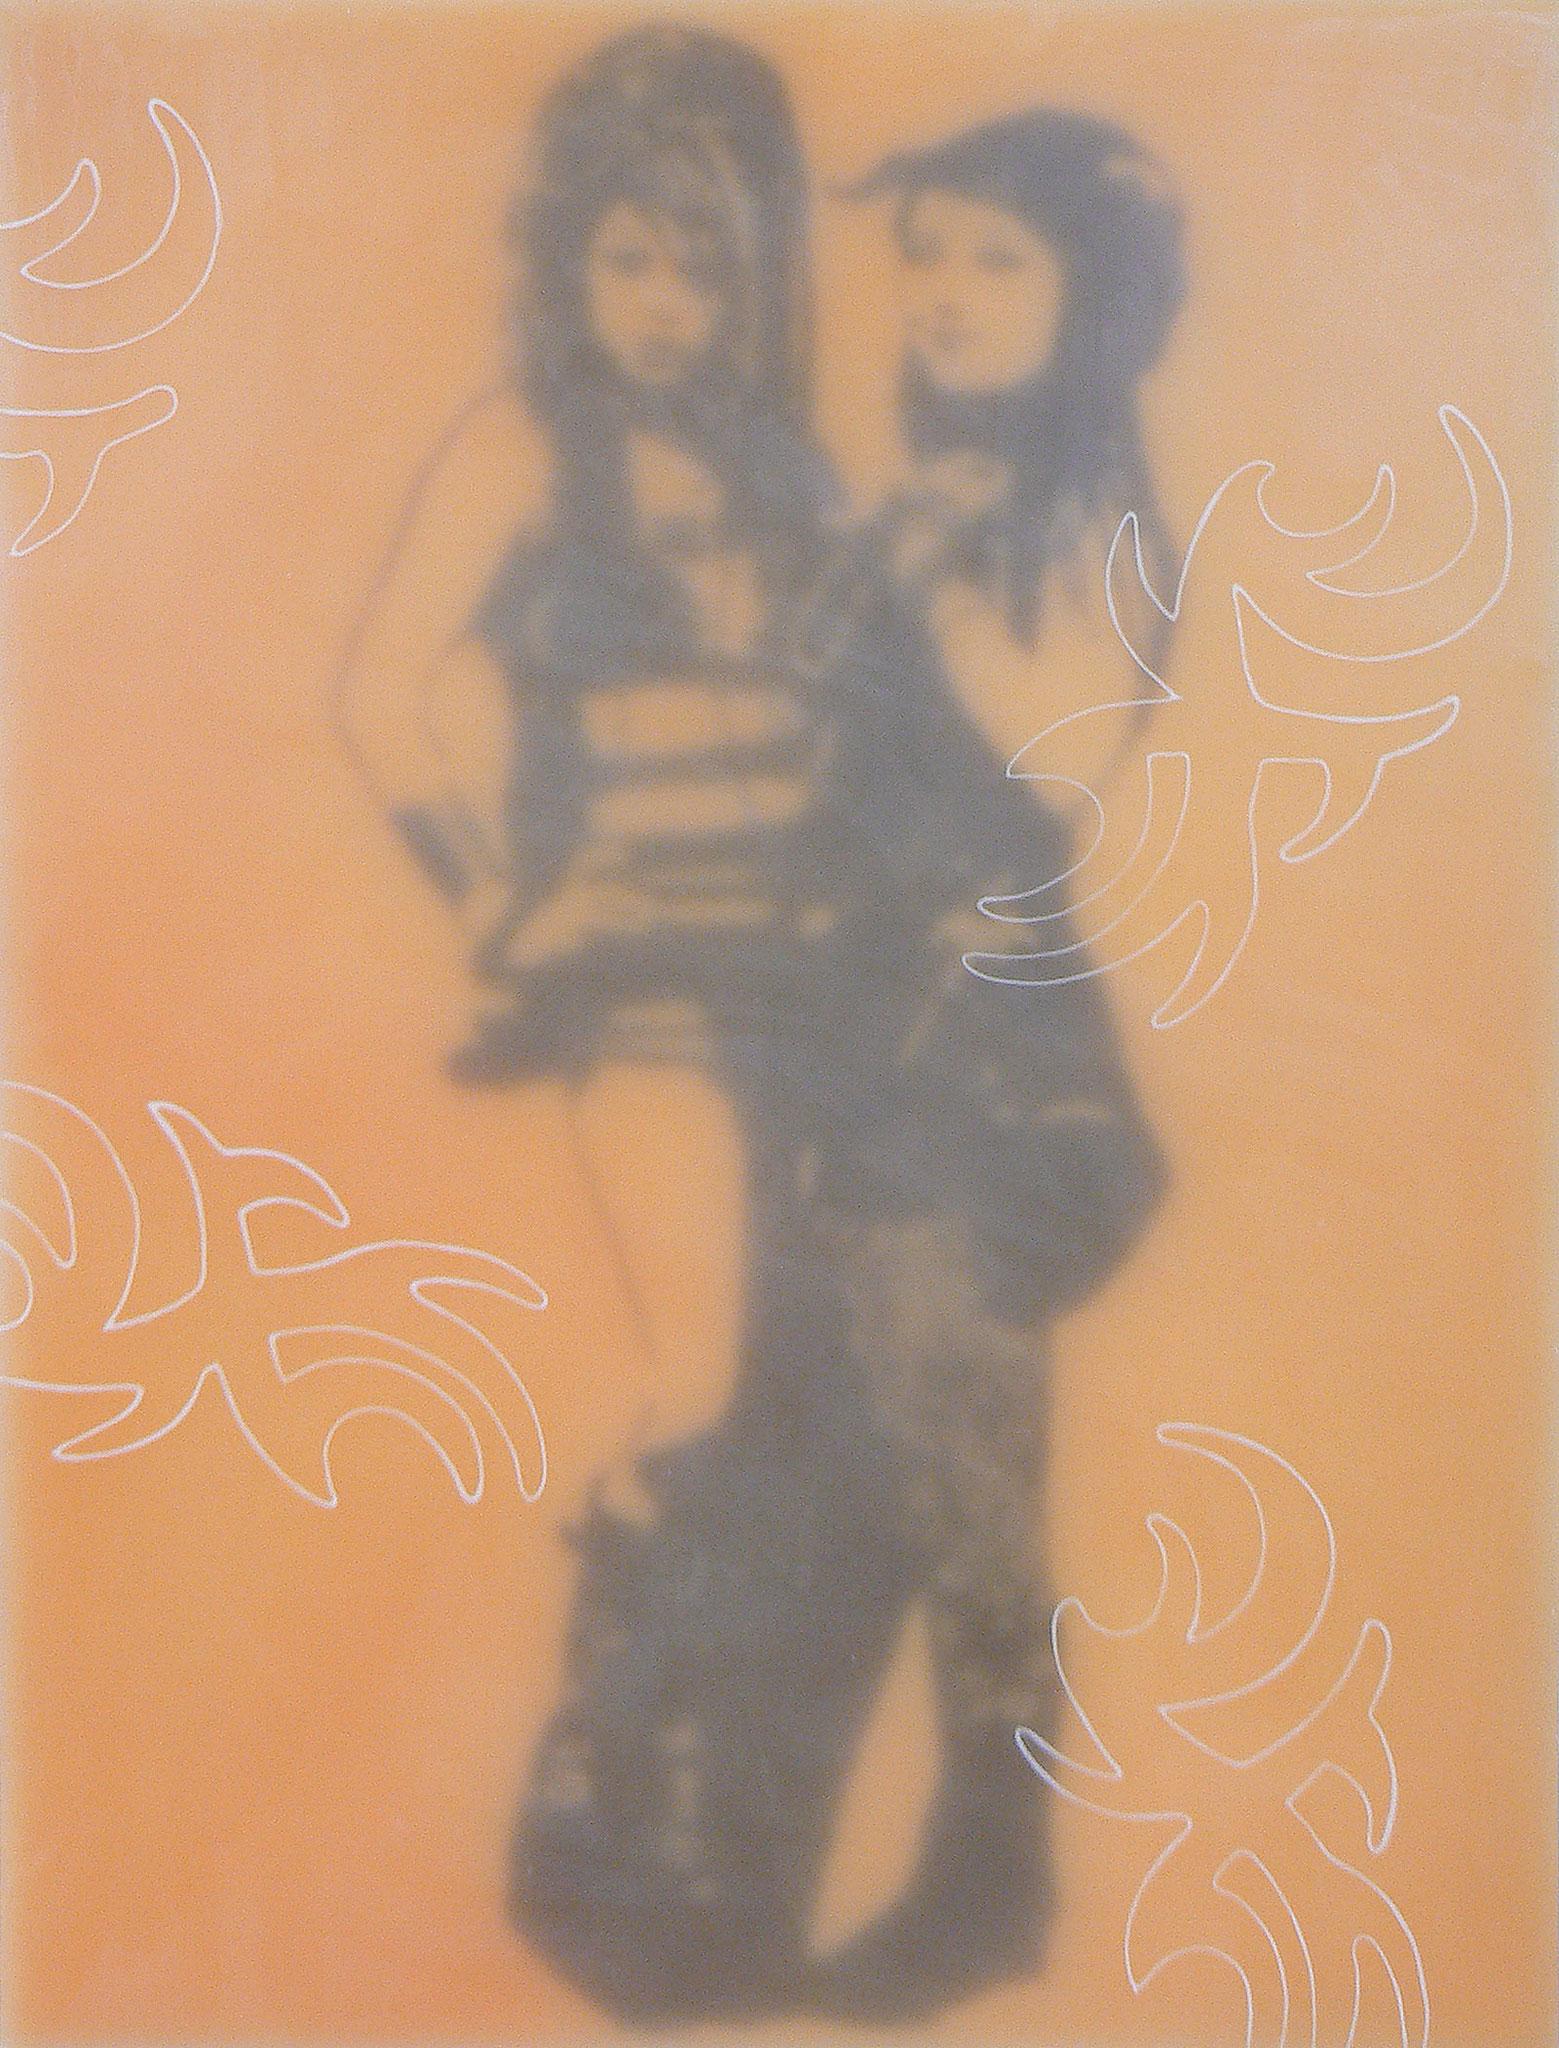 Gothik-Engel 4, 2009, Paraffin auf Leinwand/Holz, 60 x 80 cm